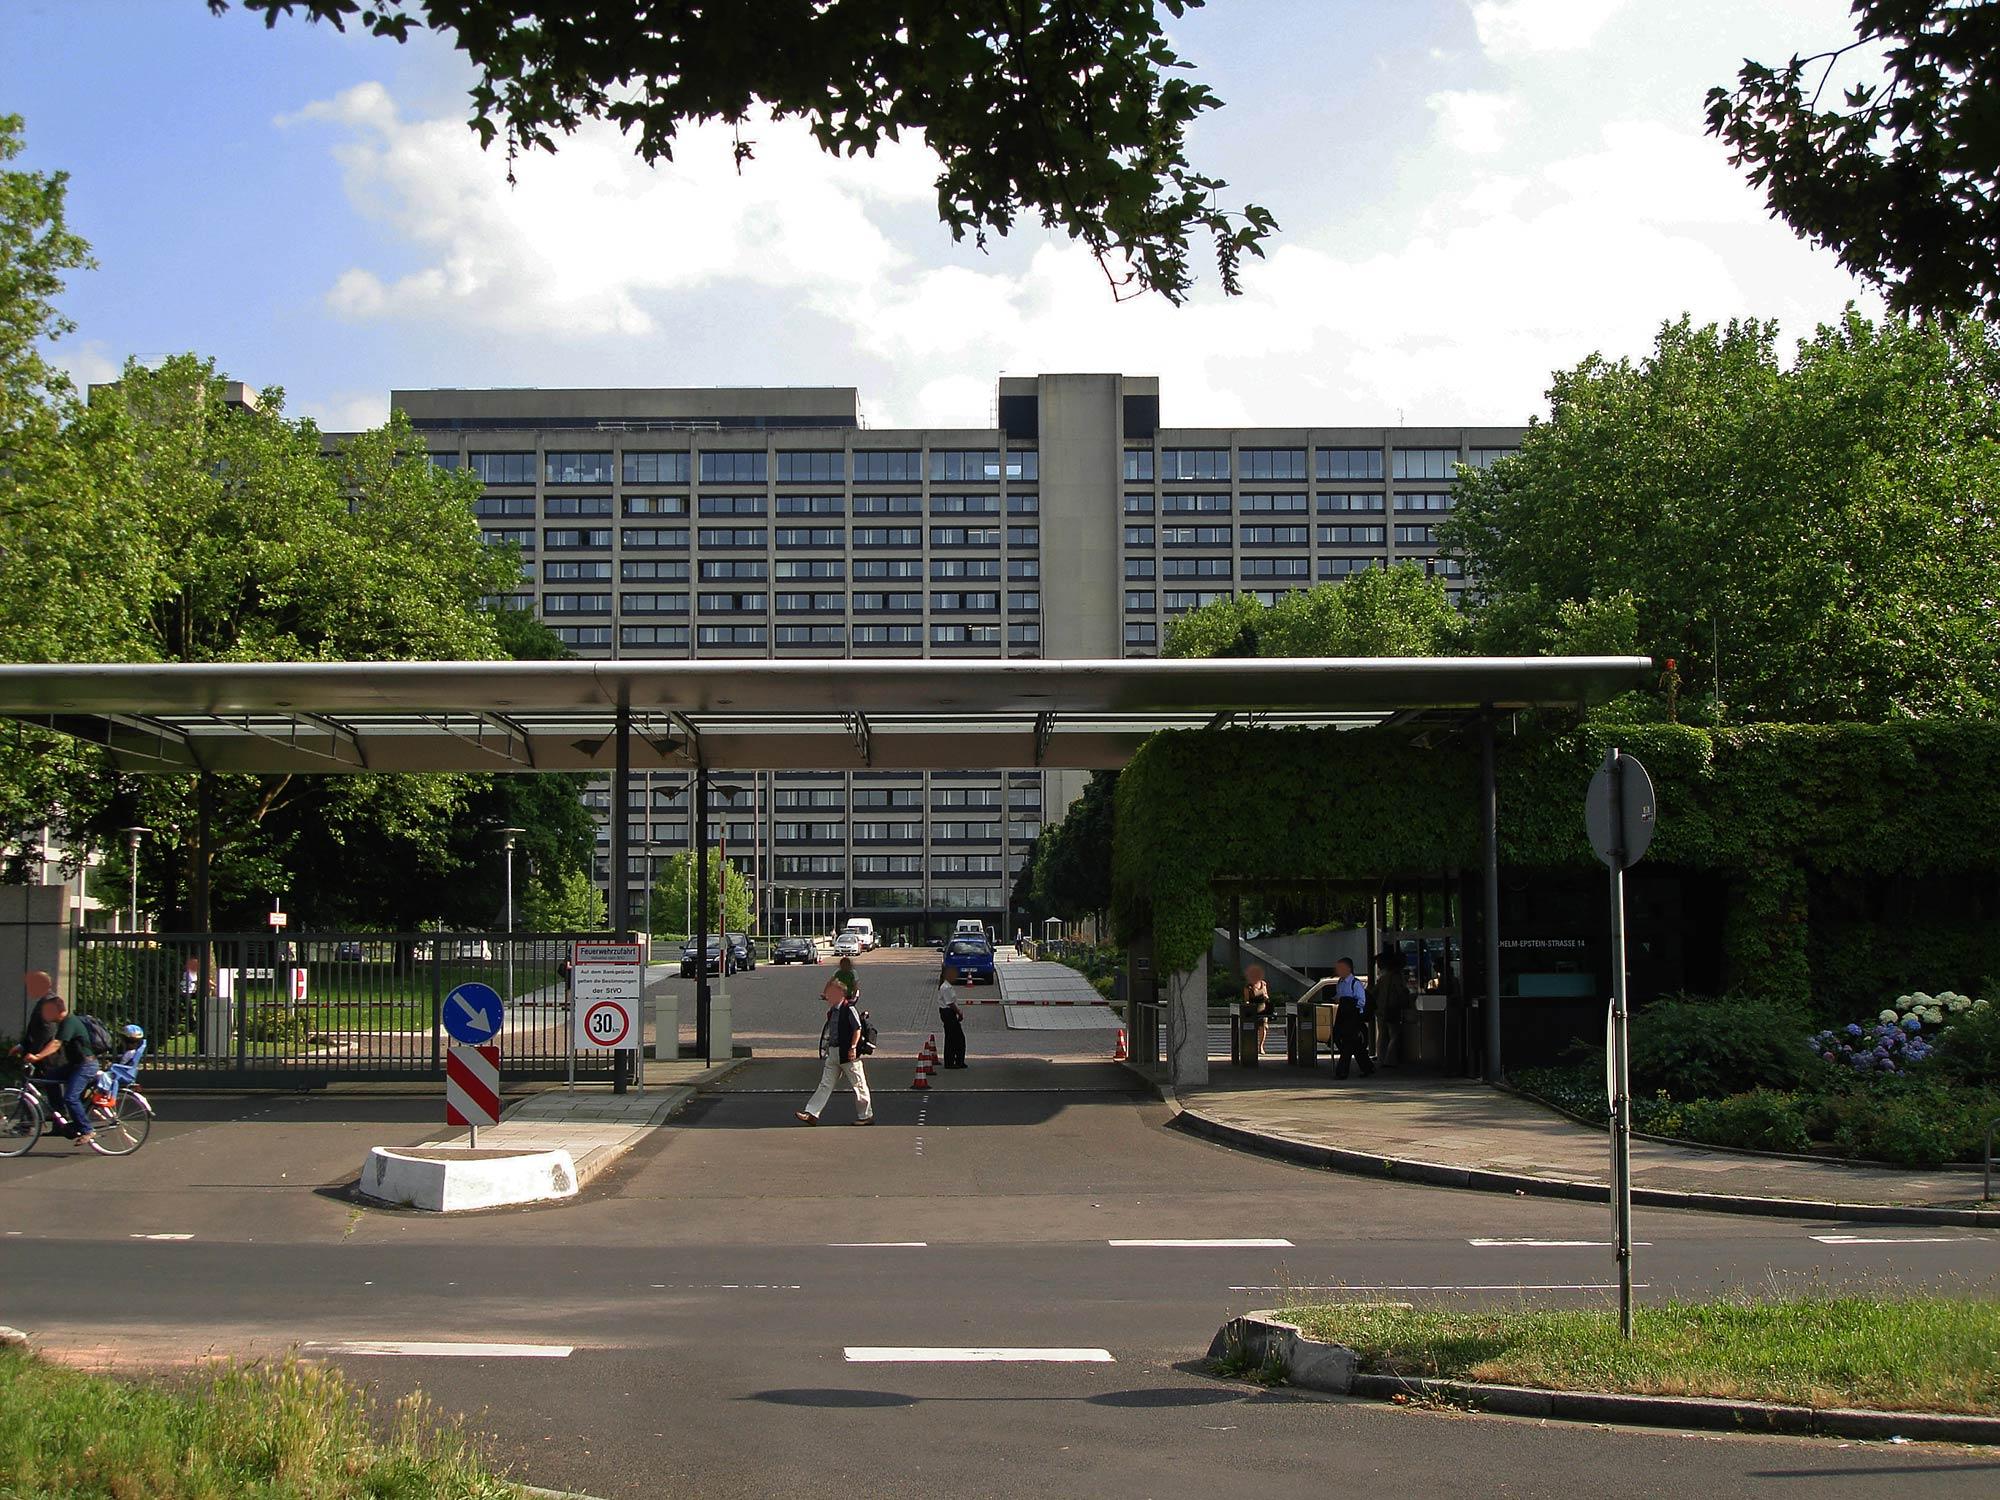 Deutsche Bundesbank Frankfurt am Main - Buba Campus - Zentrale der Bundesbank in Ginnheim